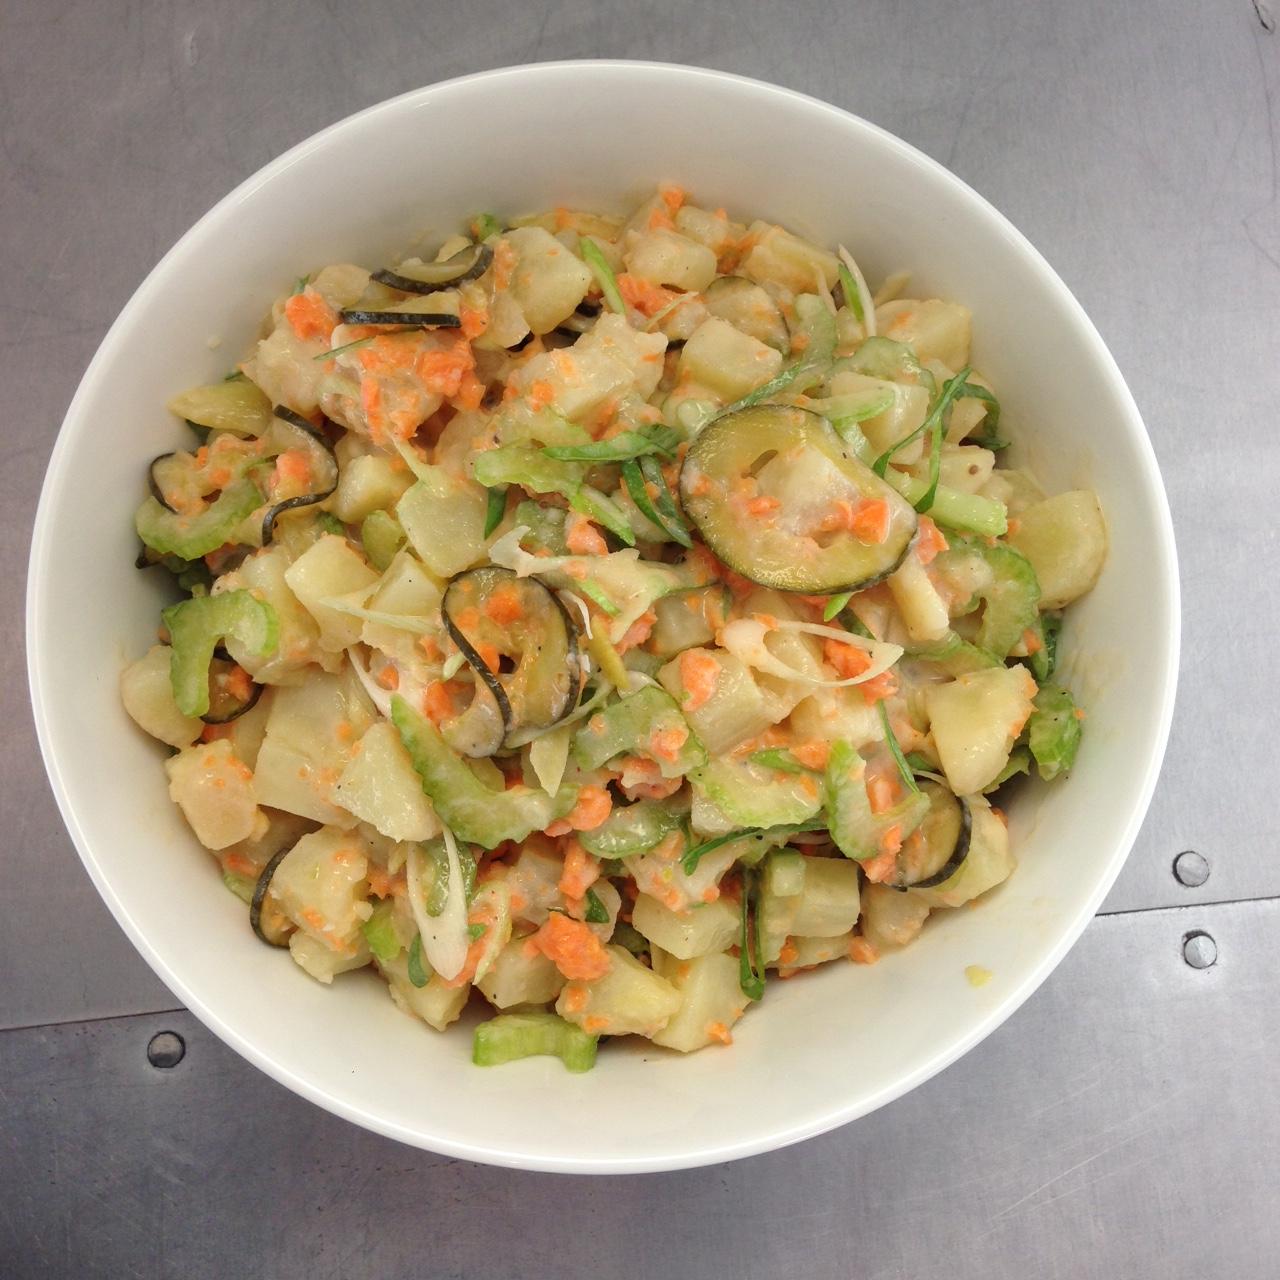 Carlo cocina videos cnn chile - Ensalada de apio y zanahoria ...